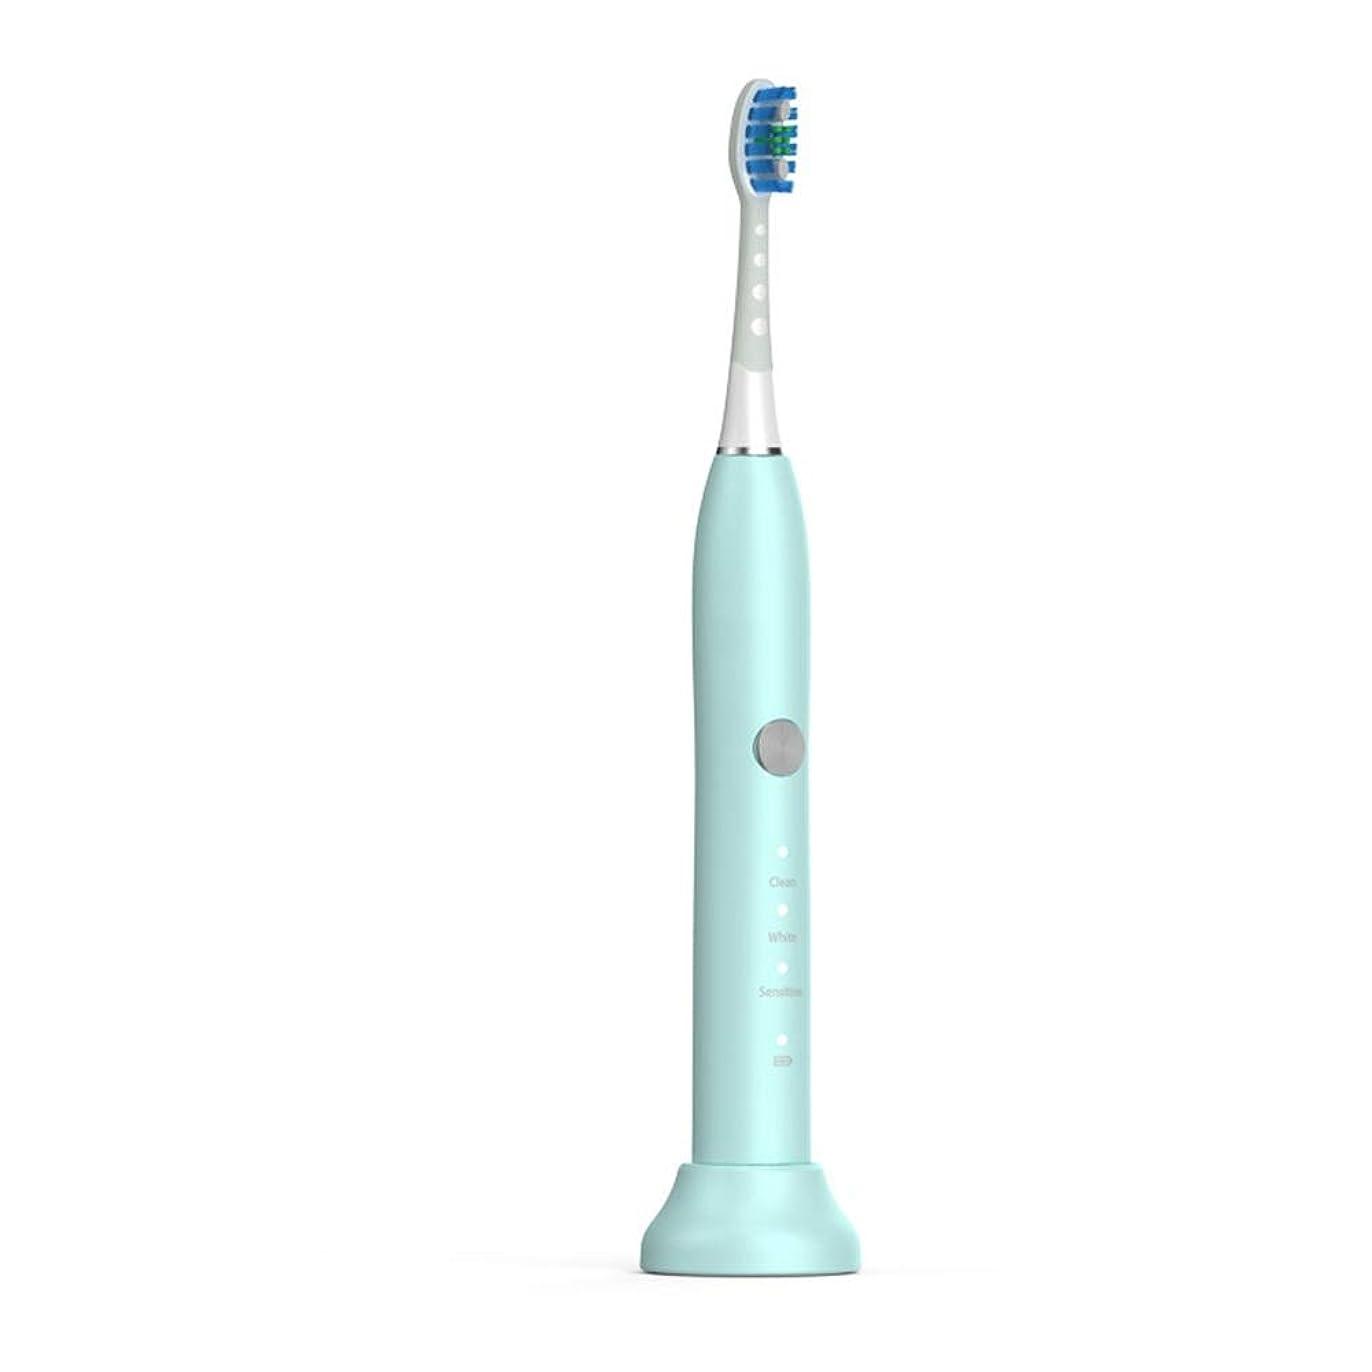 自発道徳教育前進電動歯ブラシ 毎日の使用のためのUSBの充満基盤のホールダーの柔らかい毛の保護きれいな歯ブラシが付いている電動歯ブラシ 大人と子供向け (色 : 緑, サイズ : Free size)